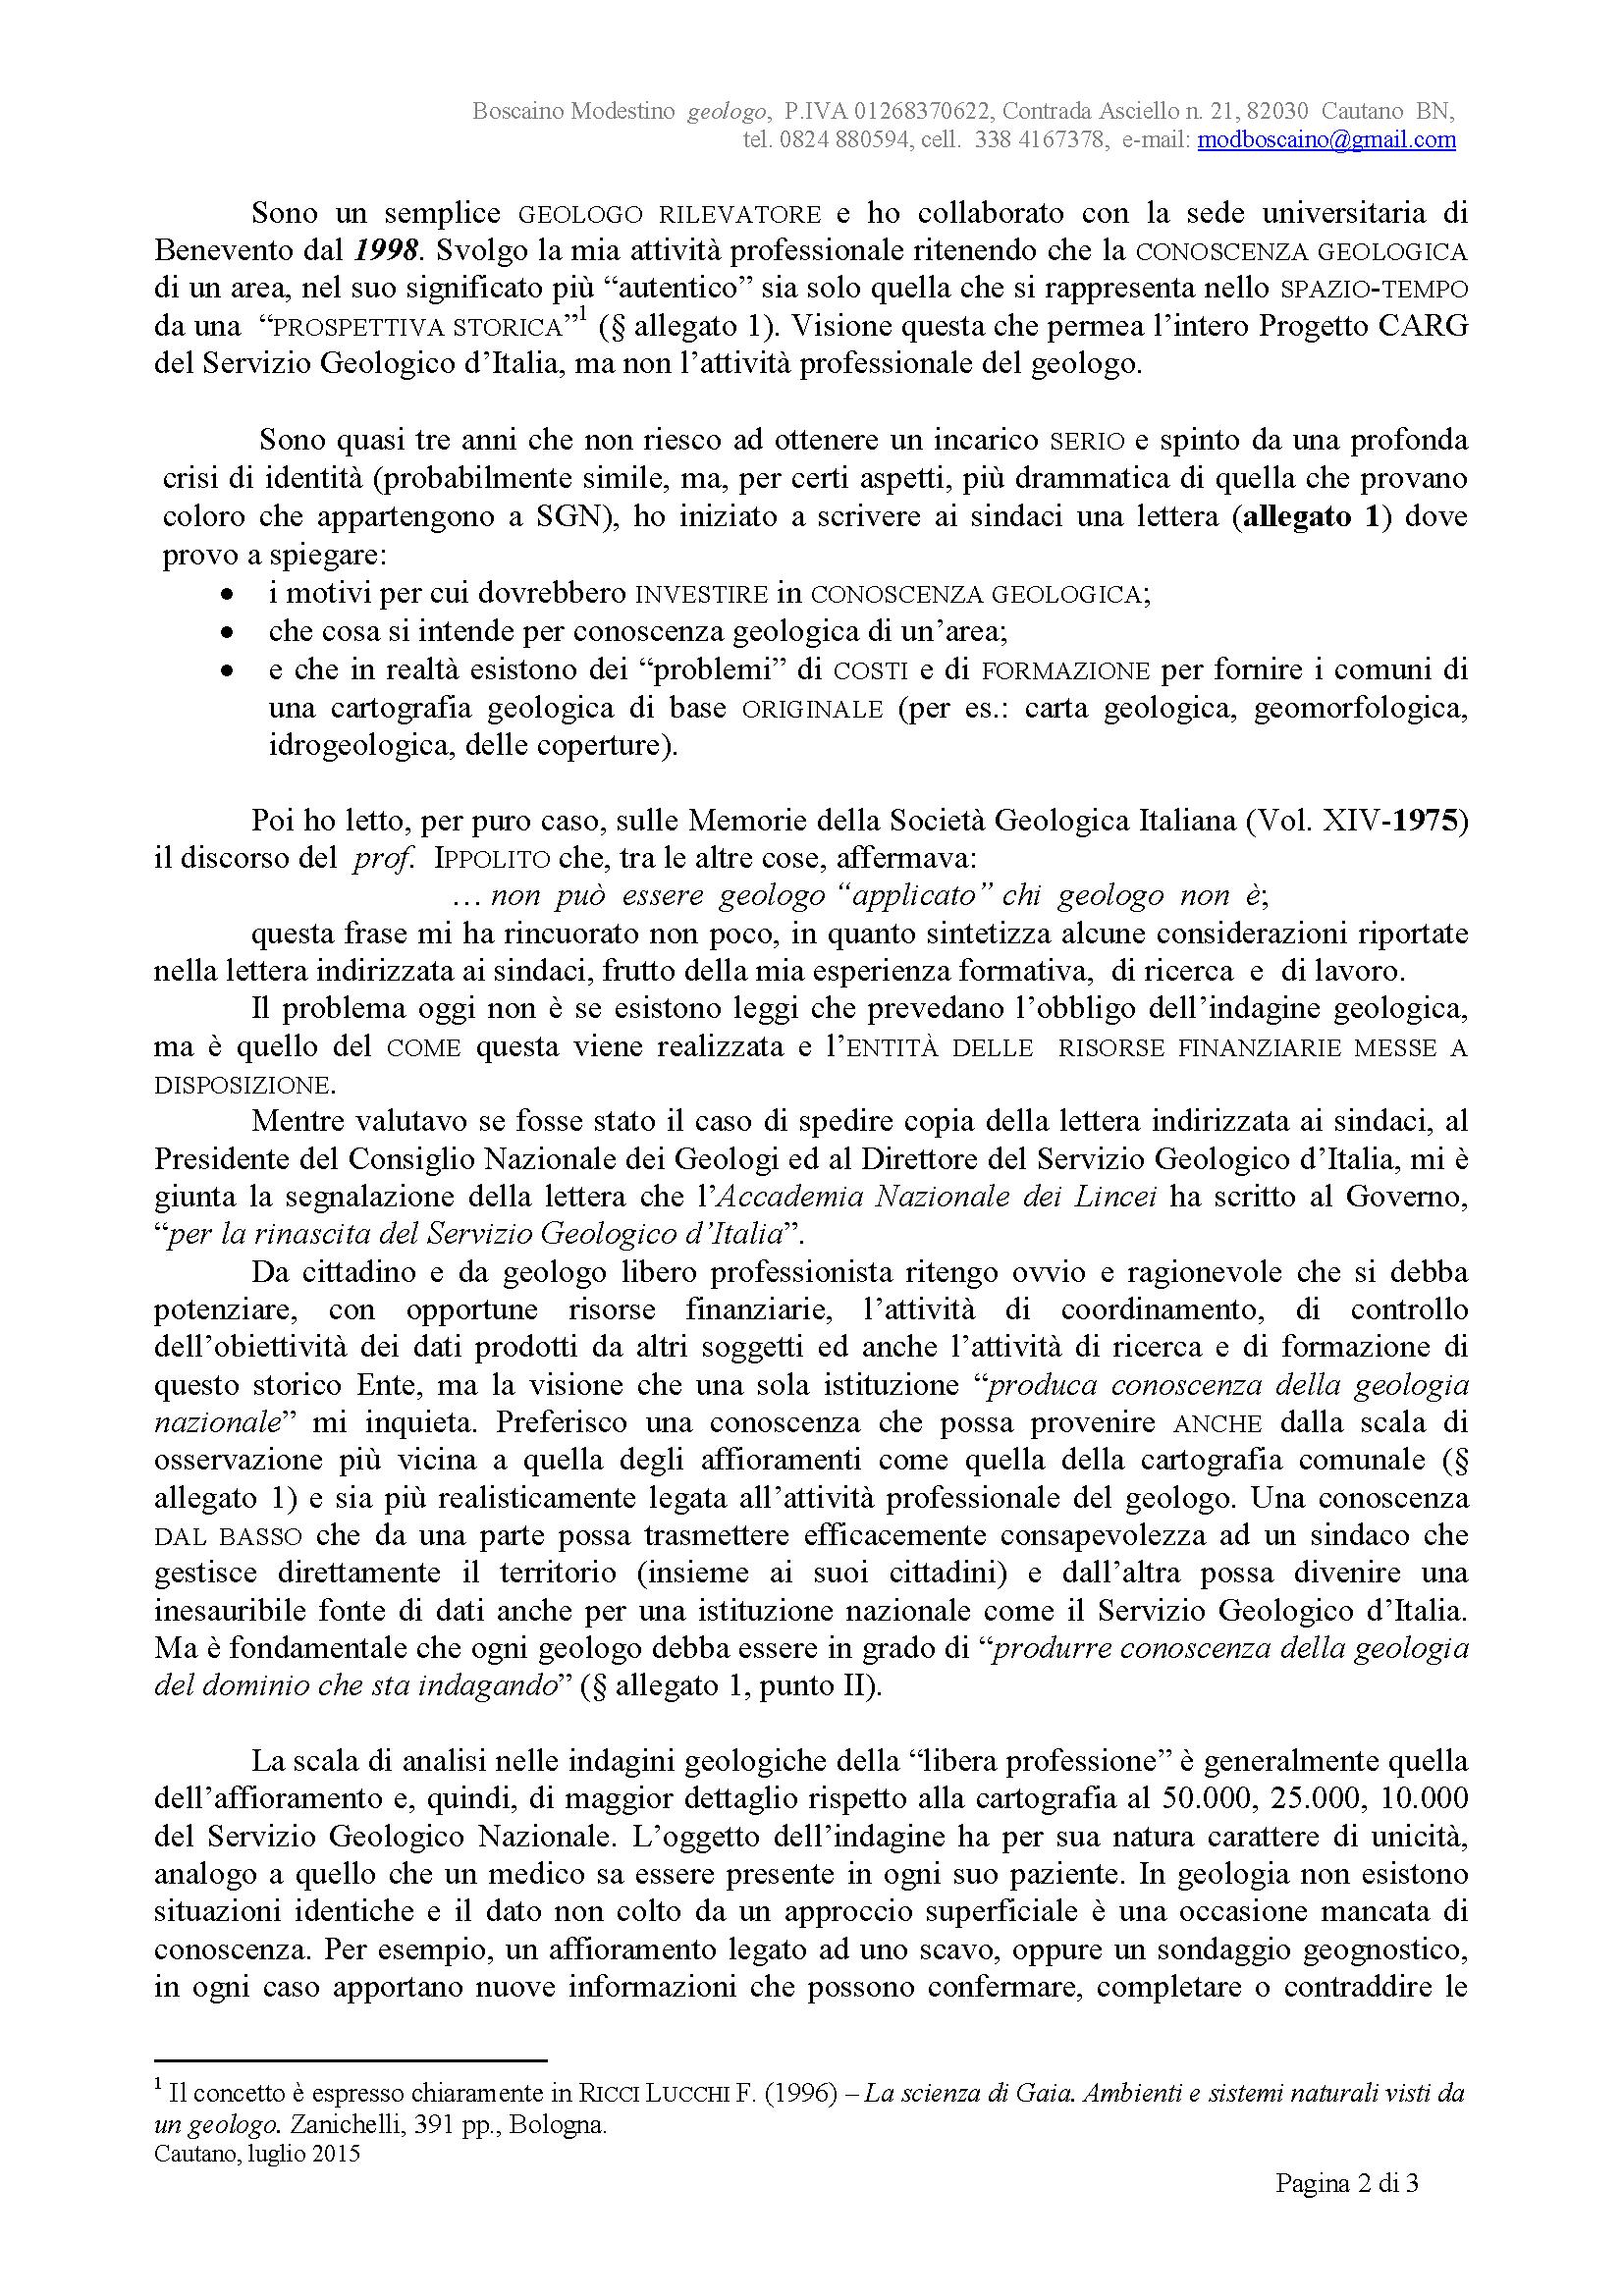 Allegato-2-Appello-ANL-2015_Pagina_2